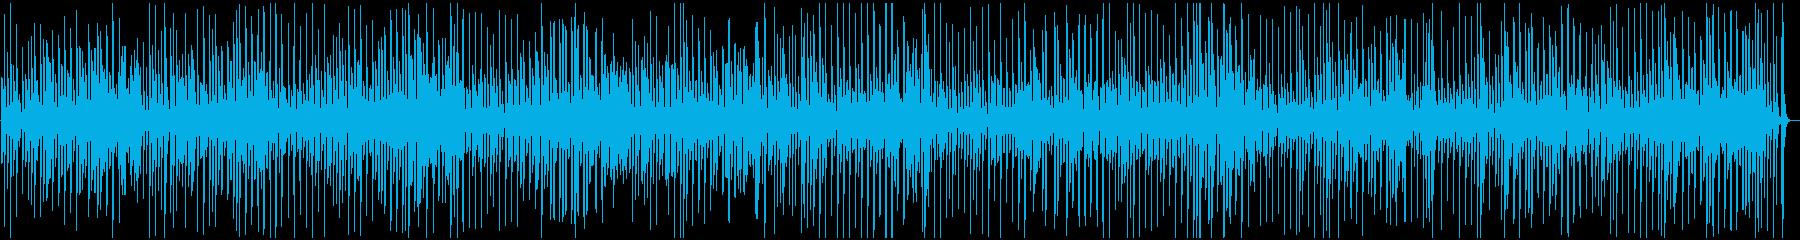 ジャジーで演劇的なジャズピアノソロの再生済みの波形